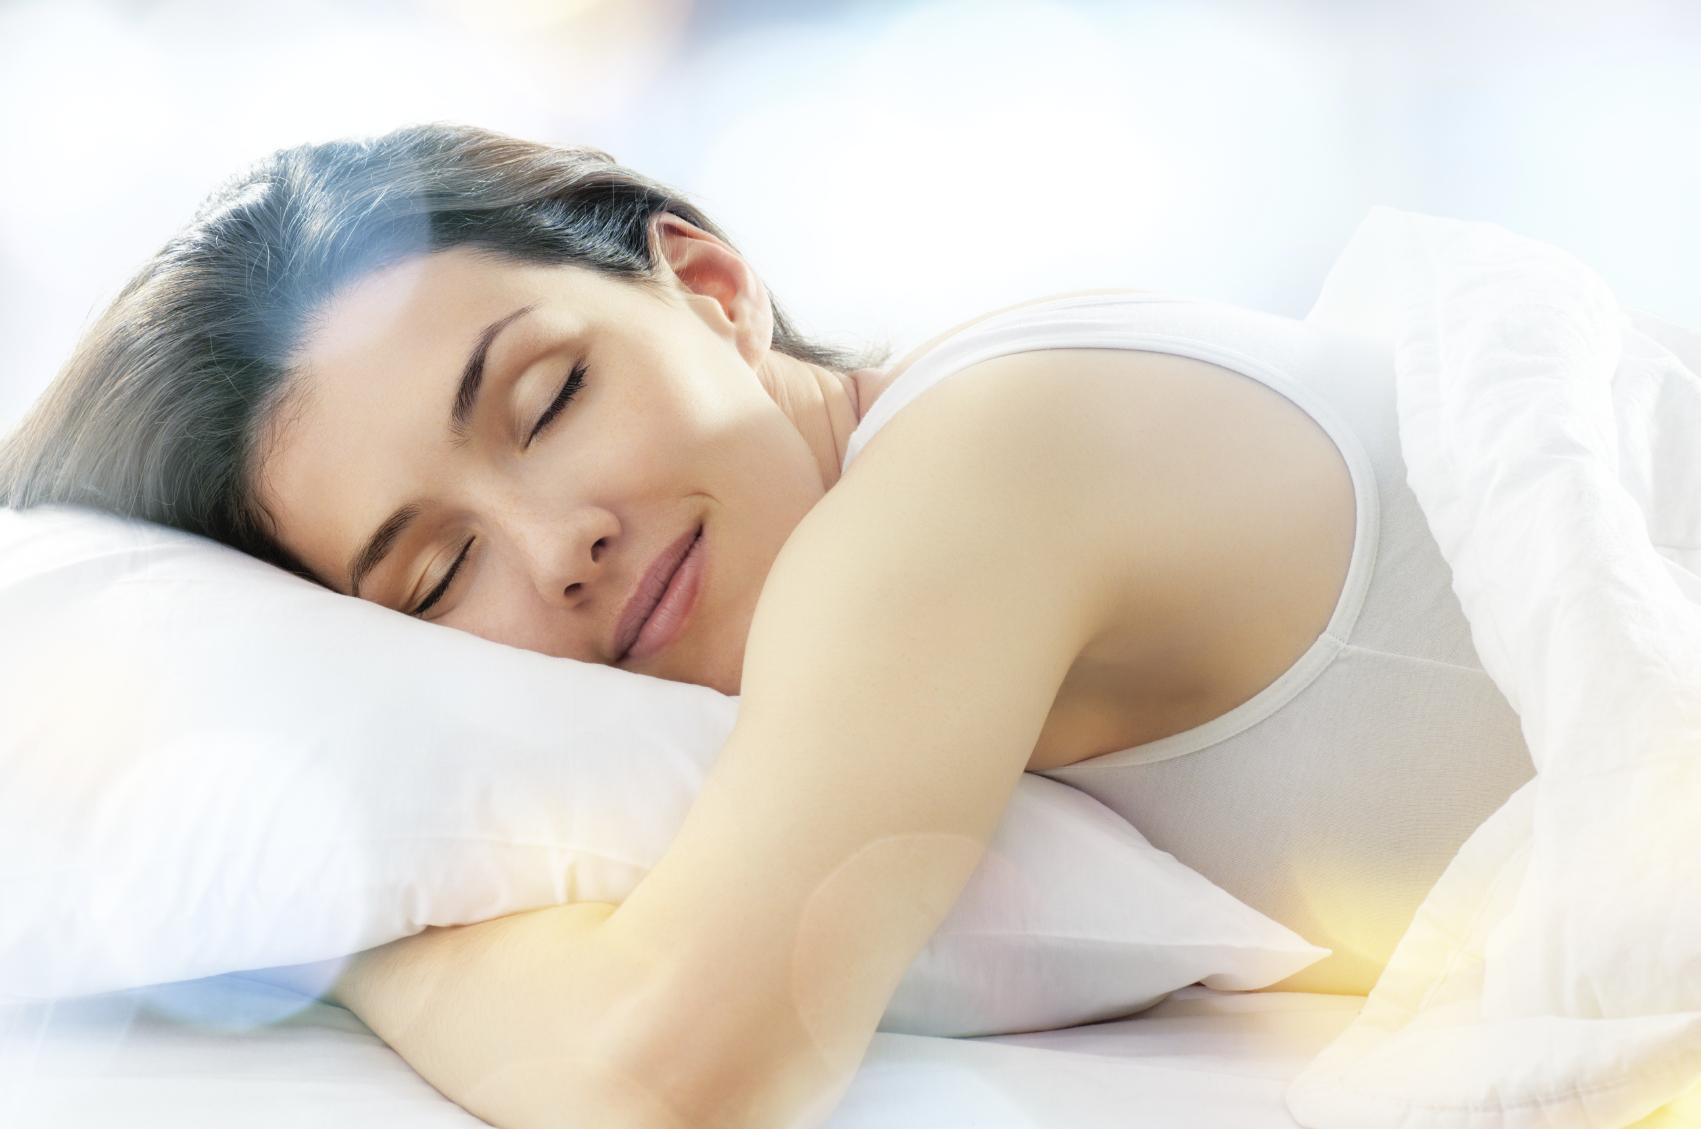 Αϋπνία Λύσεις: Εύκολα και αποτελεσματικά tips για καλύτερο ύπνο